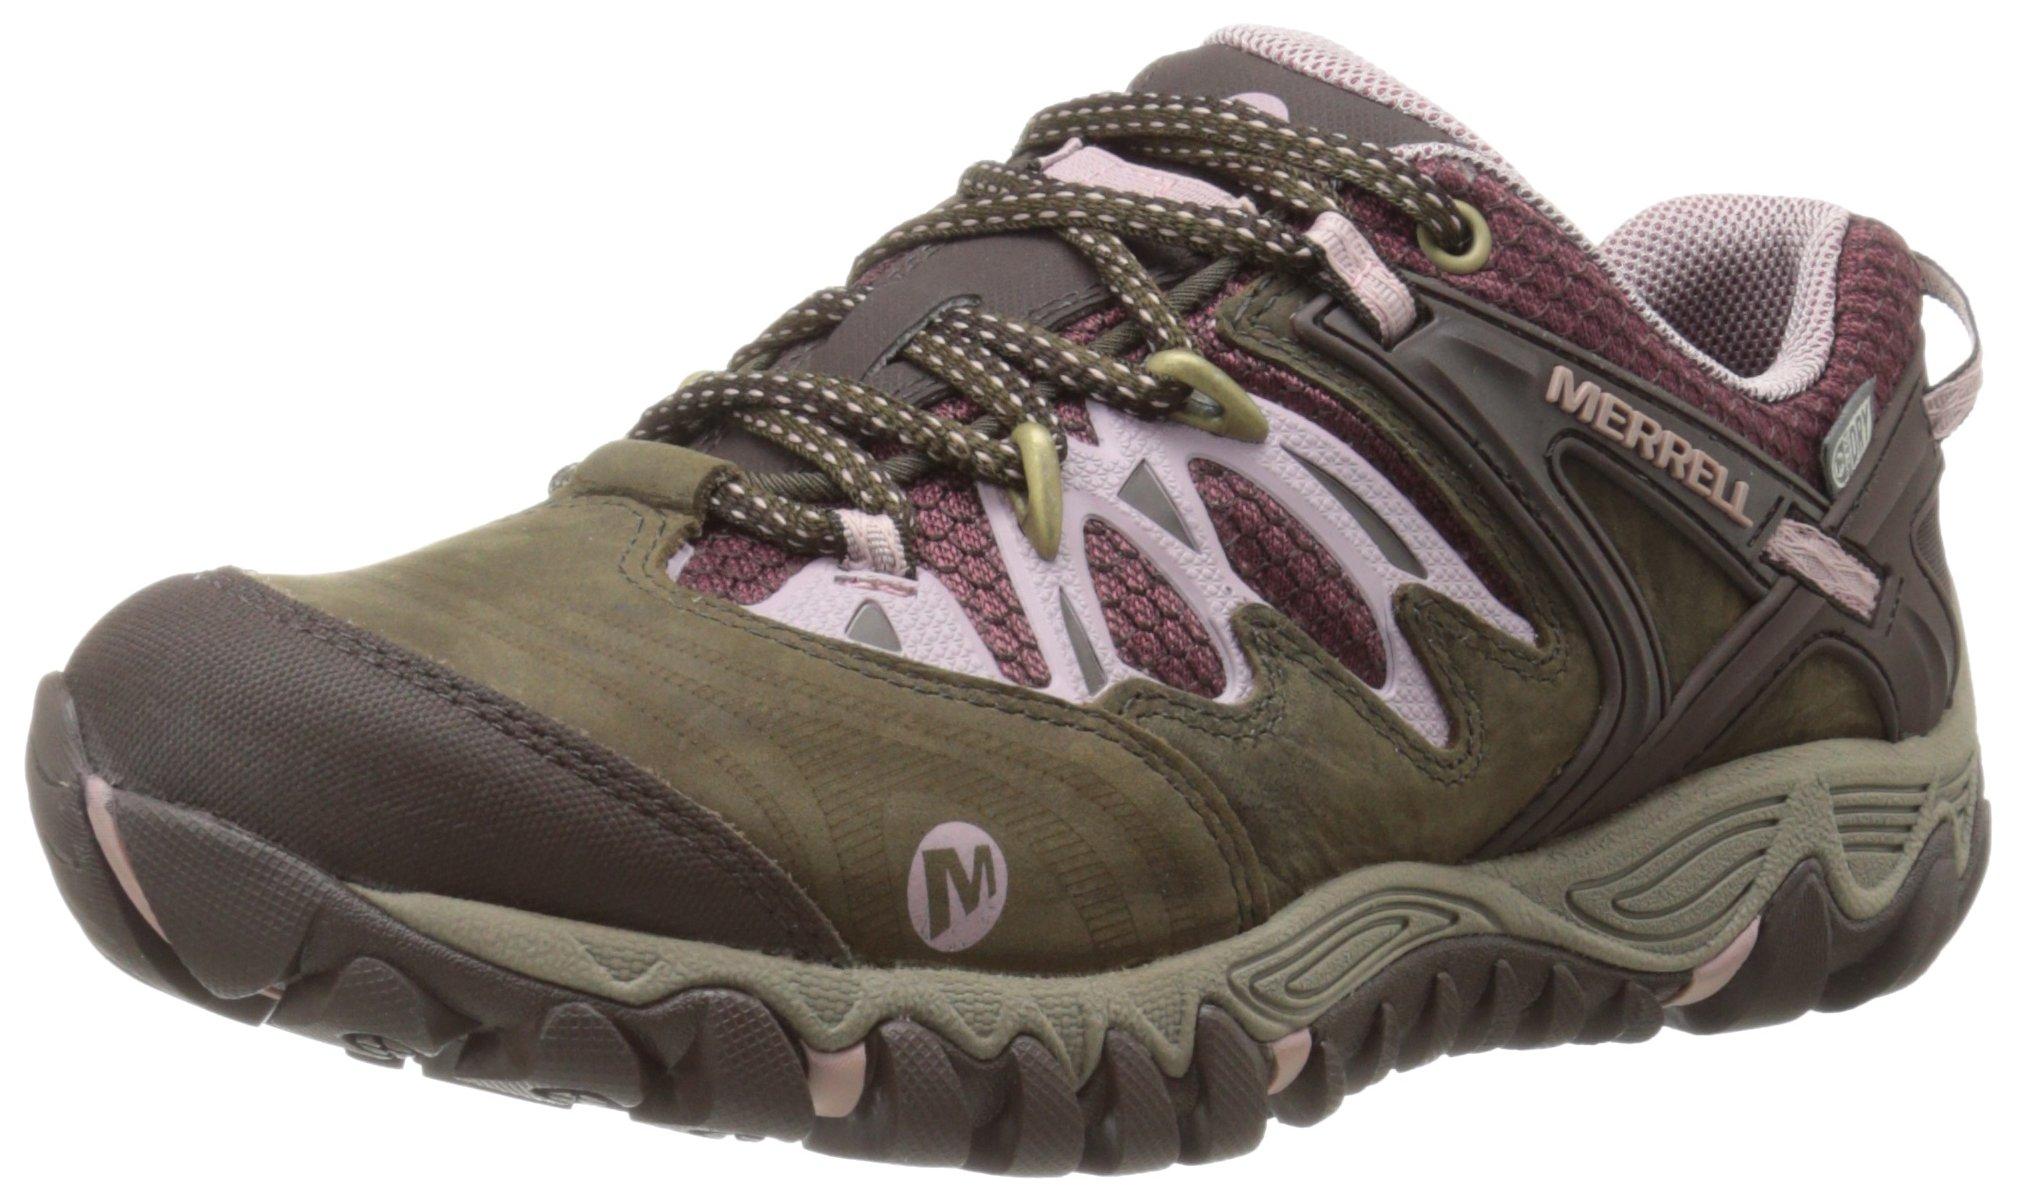 Merrell Women's All Out Blaze Waterproof Hiking Shoe,Black Slate/Blush,9 M US by Merrell